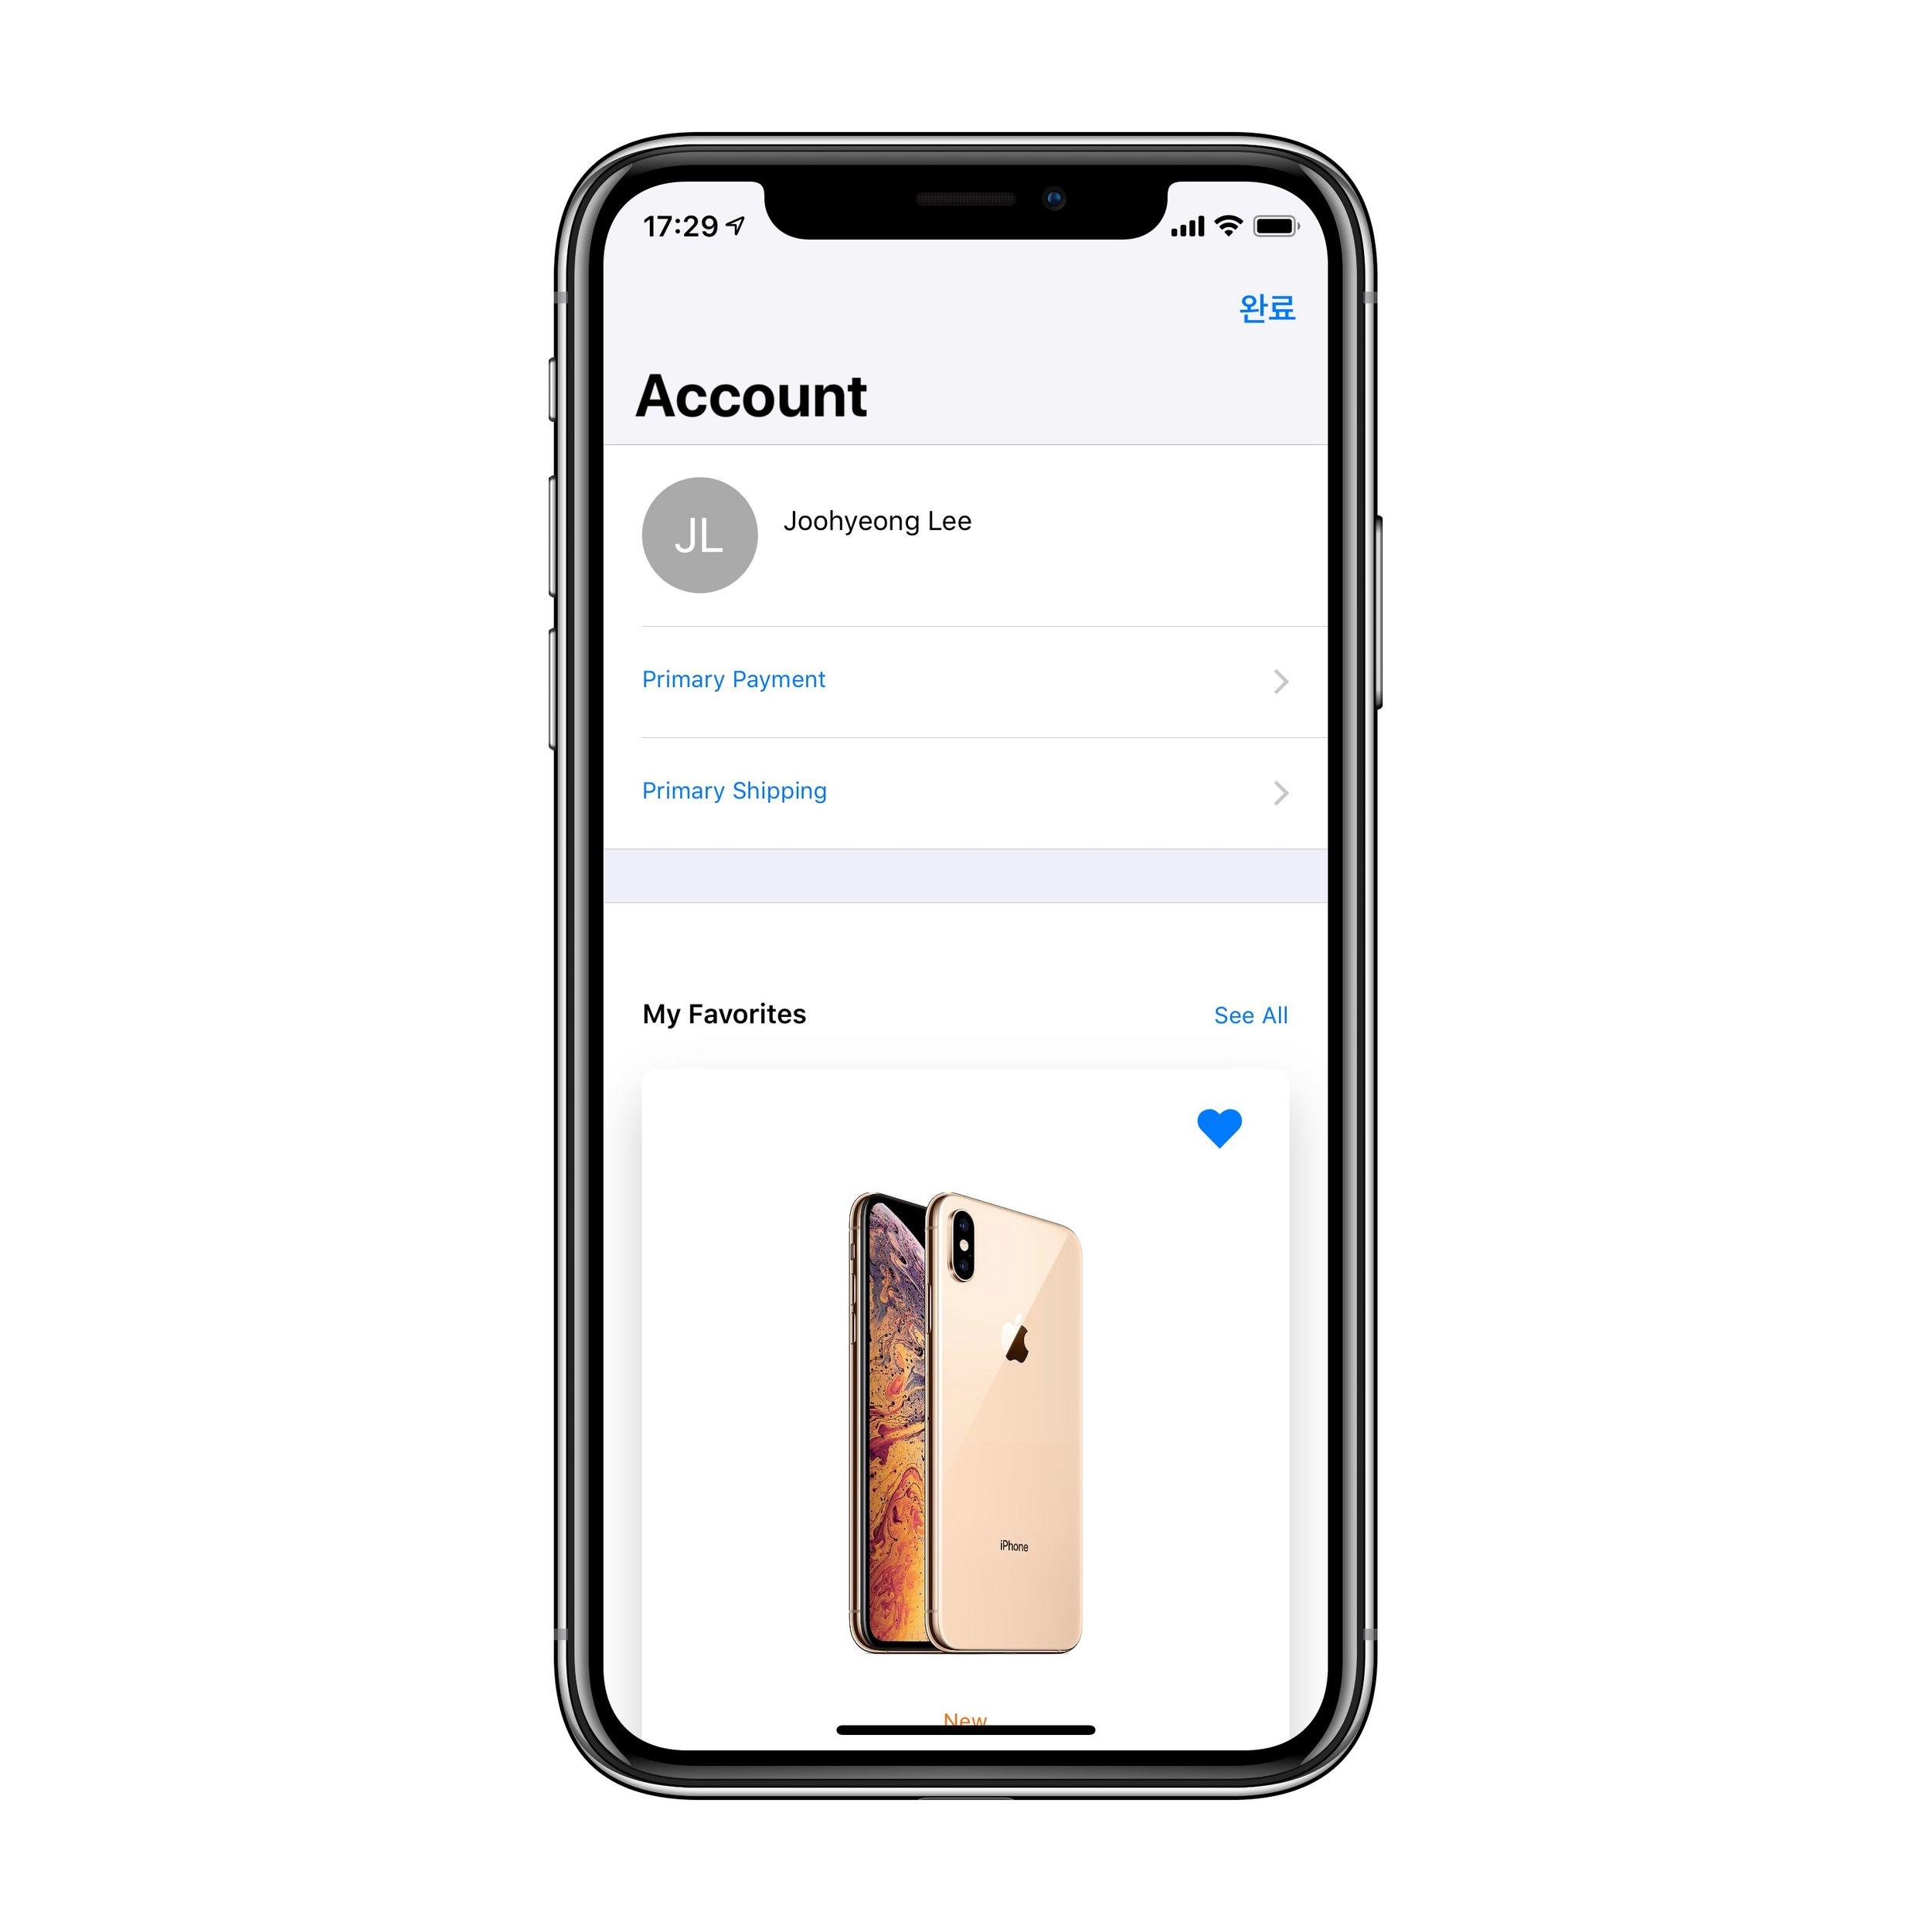 스토어가 다시 열리는 순간, 오른쪽 상단의 사람 아이콘을 눌러 Accounts 메뉴에 들어가면 바로 Favorites에 미리 찜해둔 제품이 등장합니다. 탭하세요